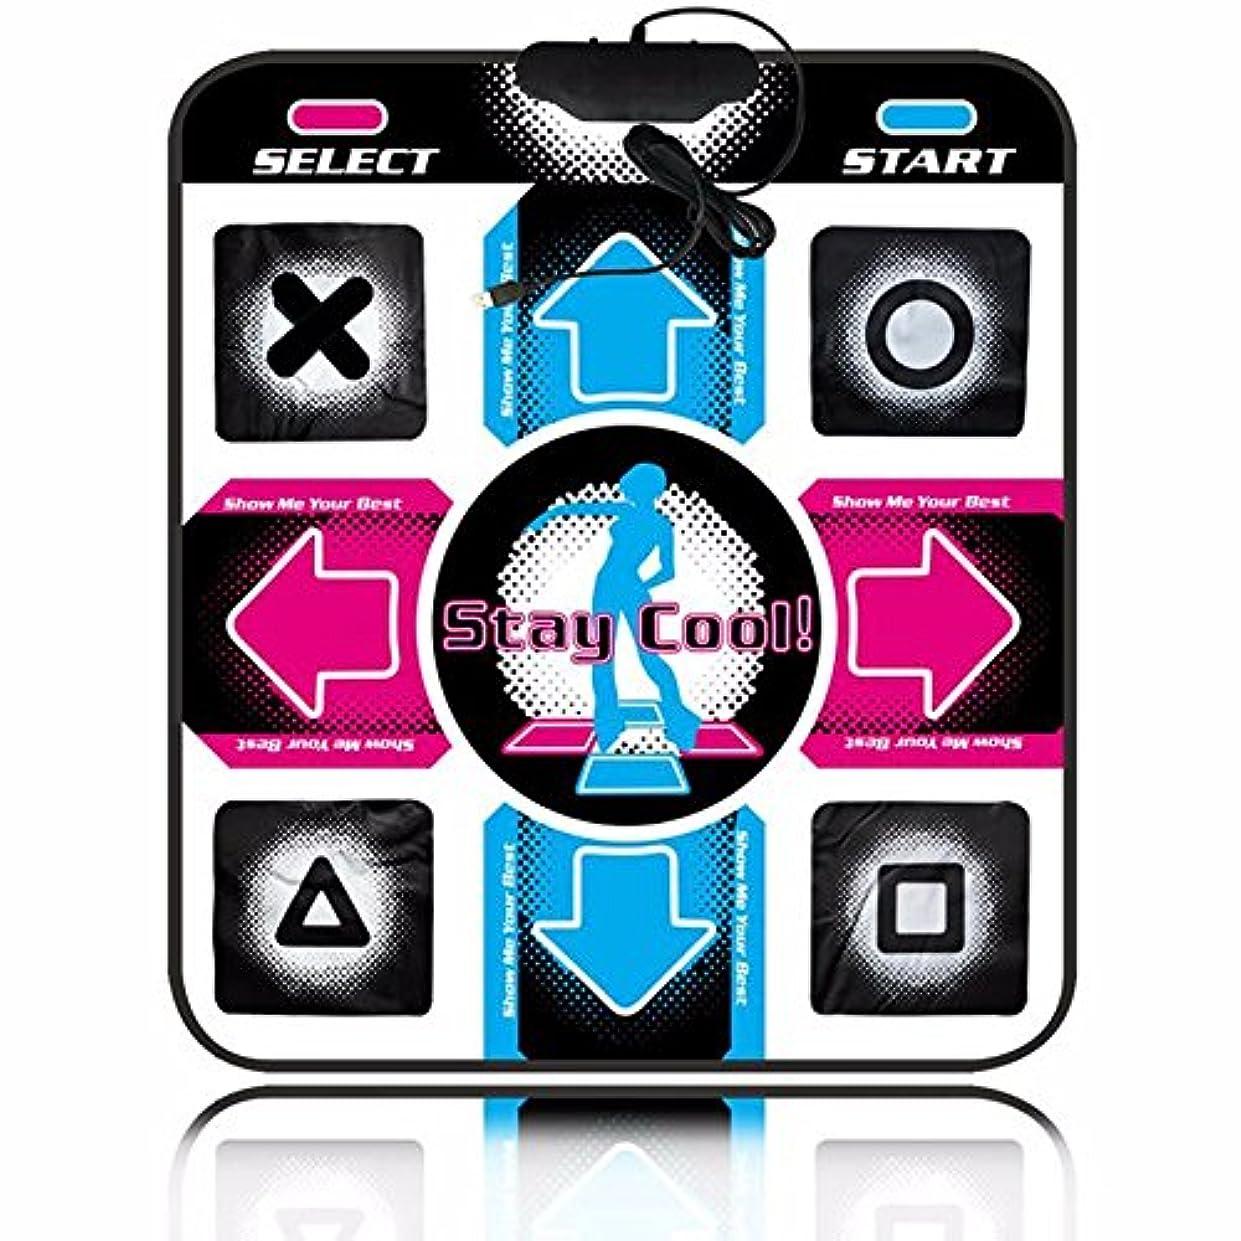 ランチョンシリンダー衛星ステップマニア マットコントローラ ダンスダンスレボリューション マット USB PlayStation Mac Windows Linux [並行輸入品]